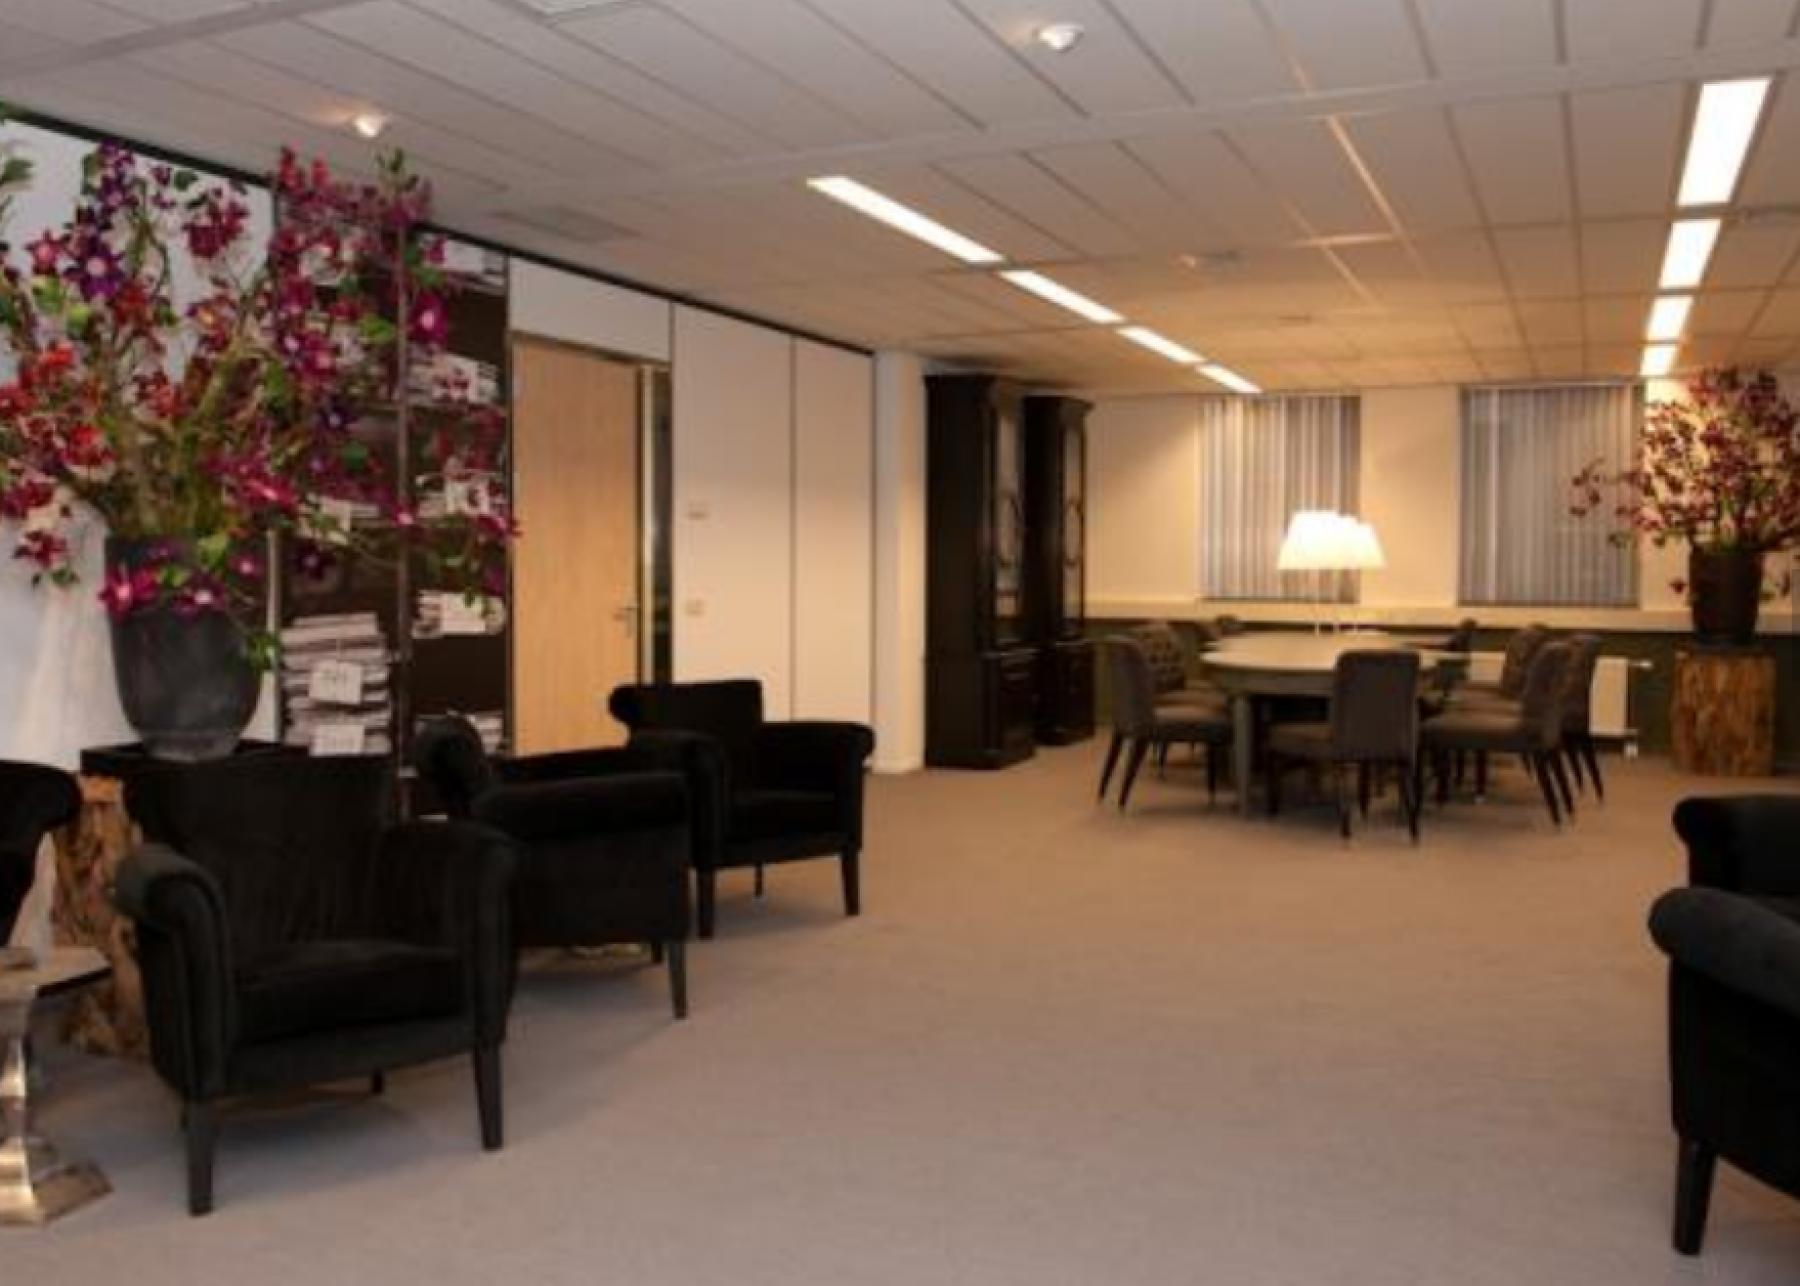 Rent office space Bijdorp-Oost 5, Barendrecht (4)